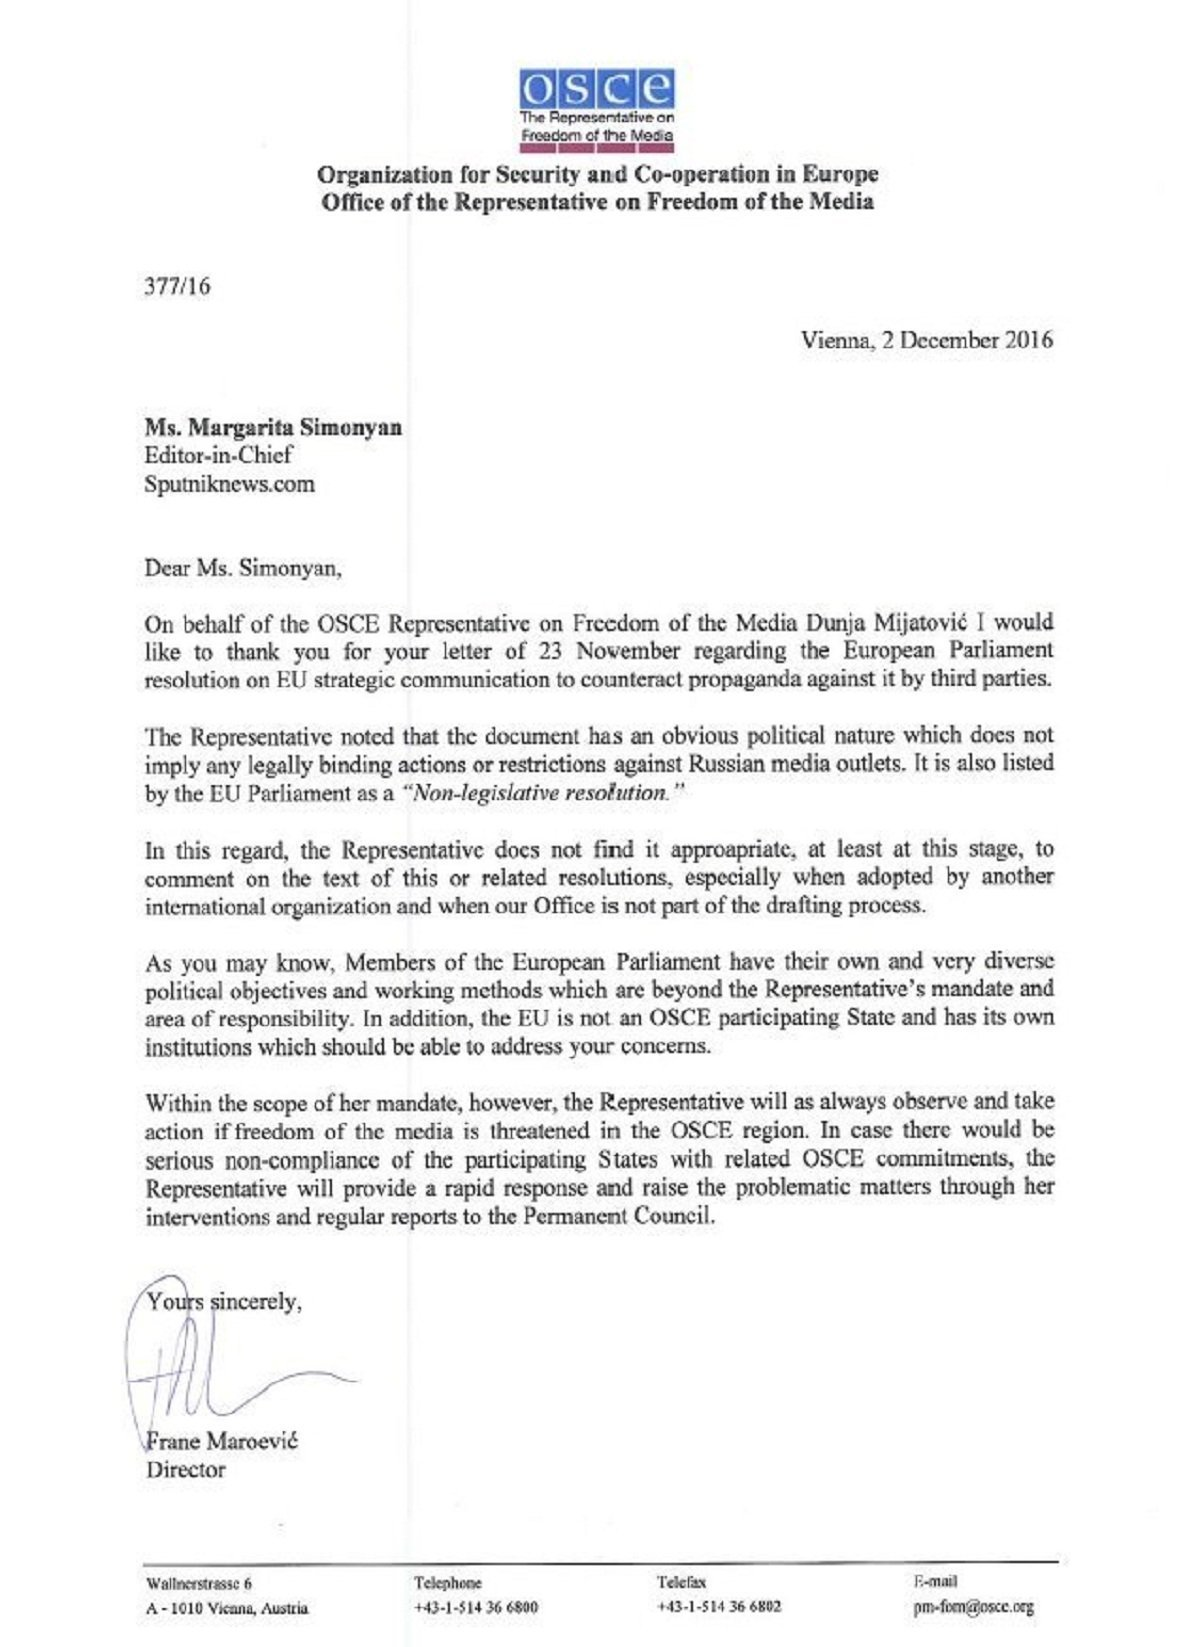 Carta da OSCE à Sputnik